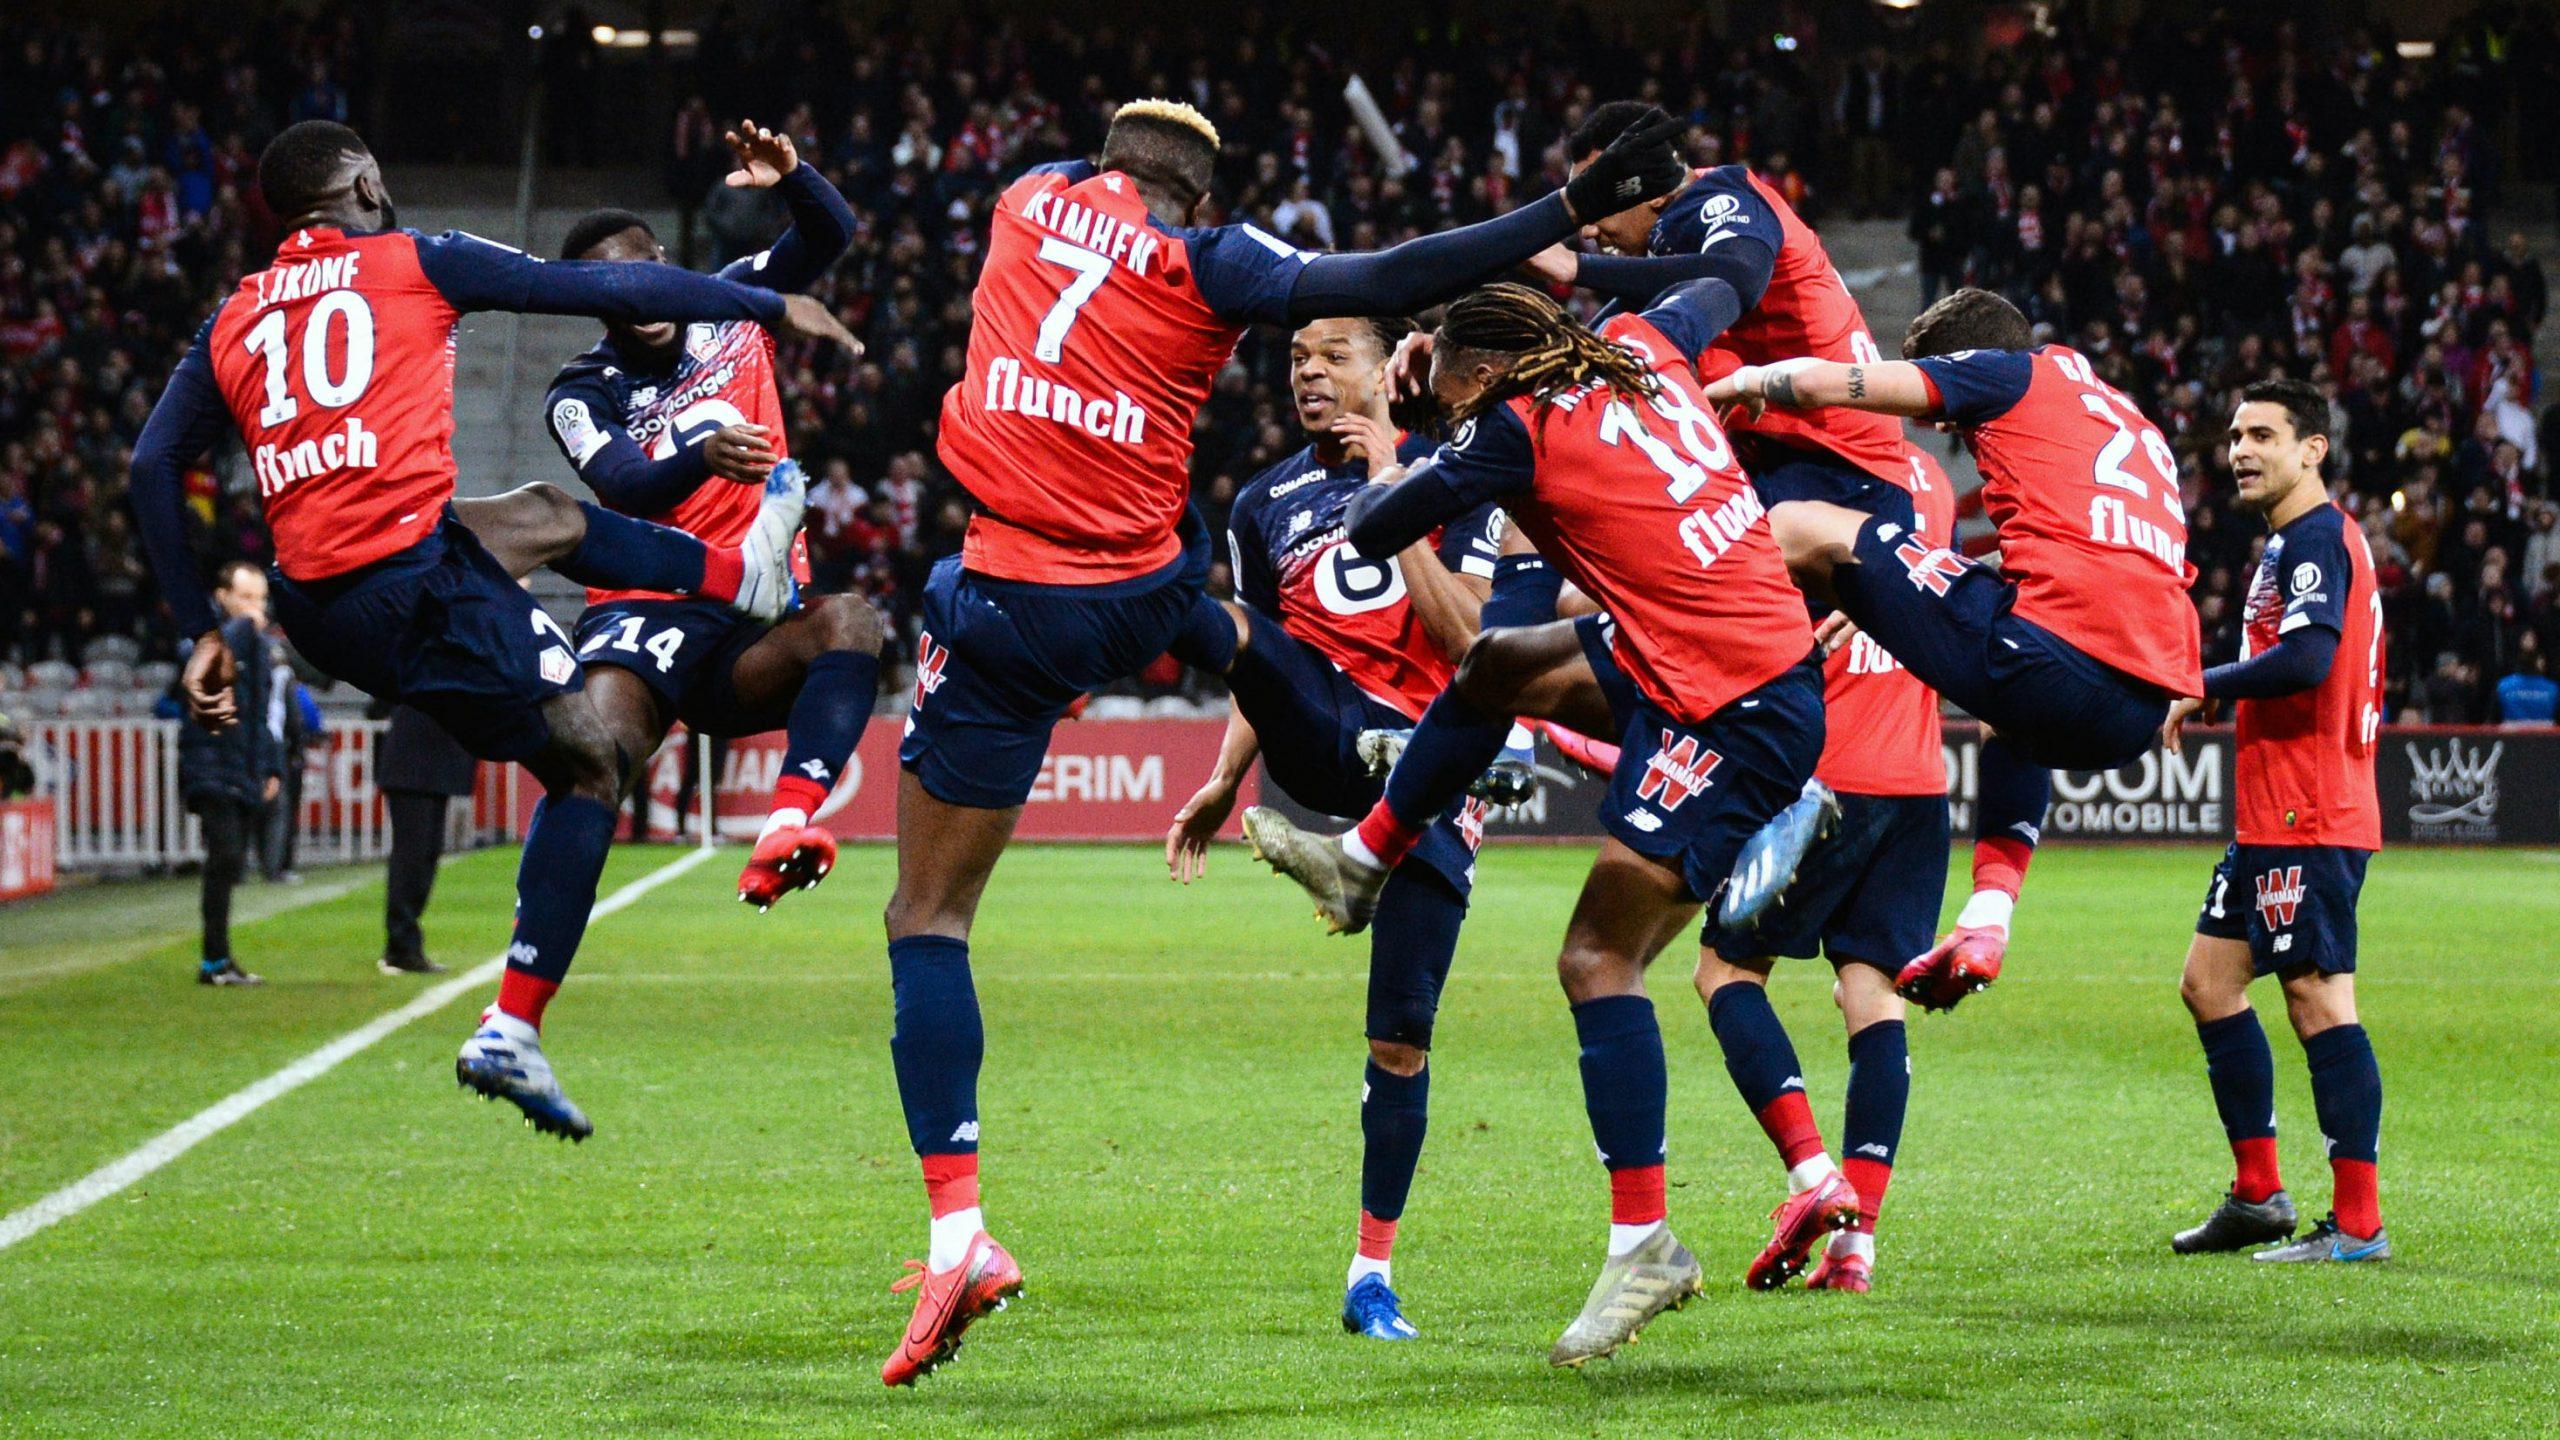 Klubun 3 futbolçusunda koronavirus aşkarlandı - FOTO